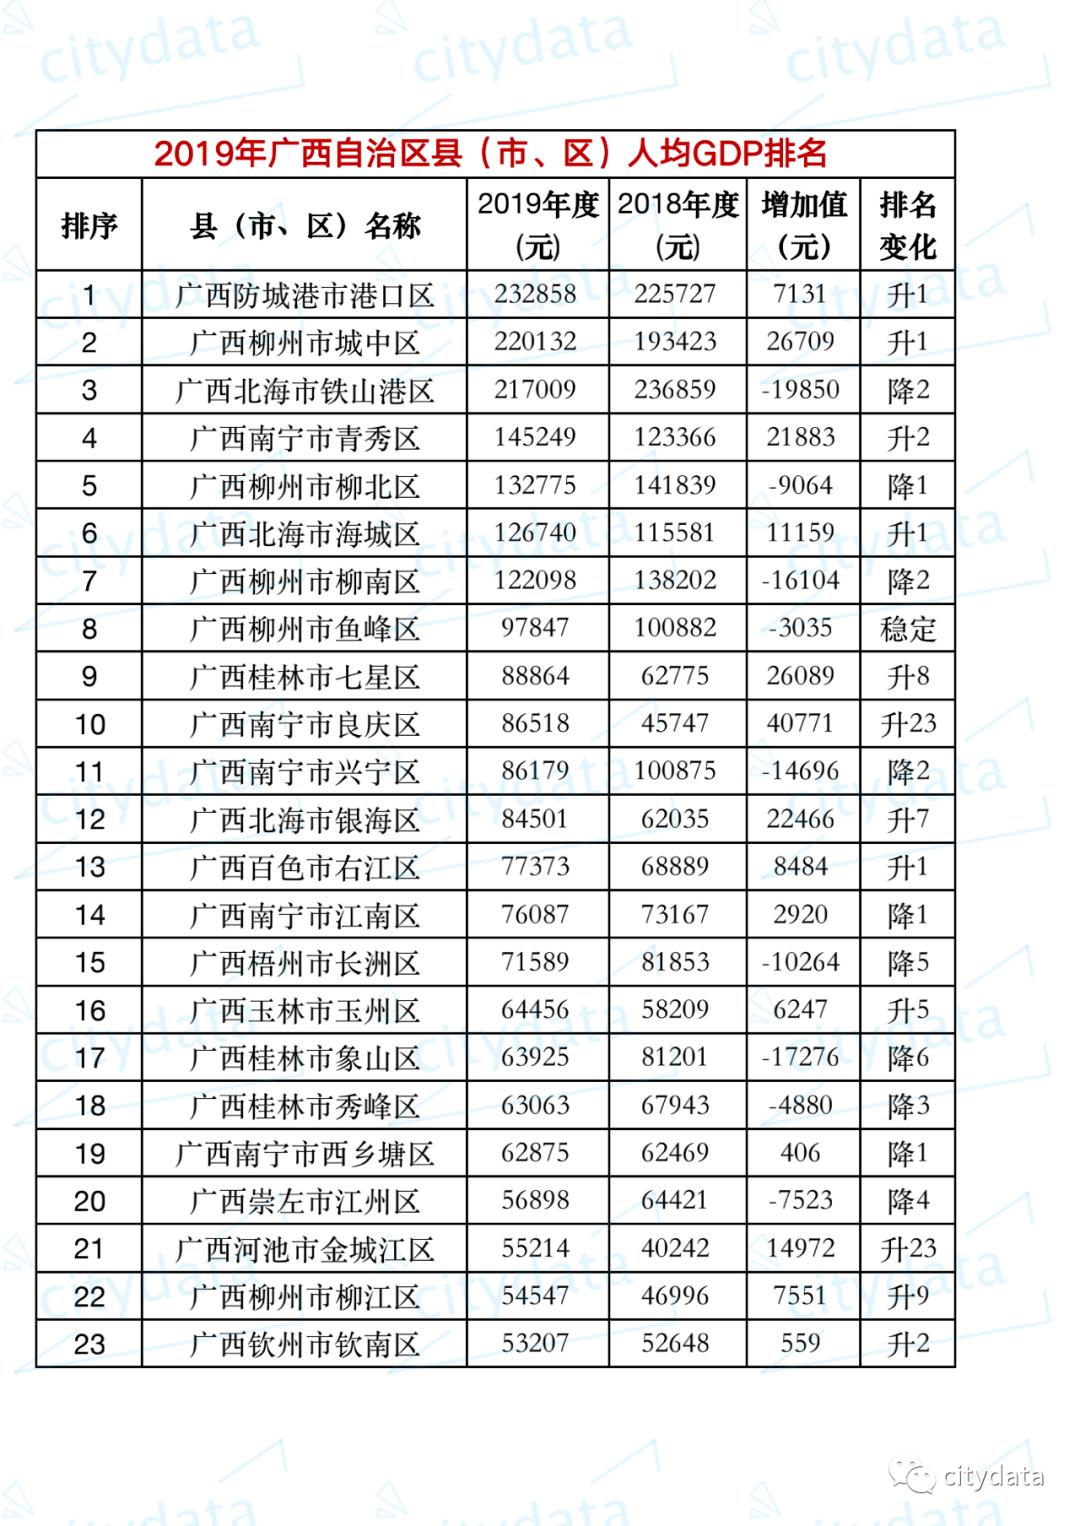 上林县人均gdp排名_5年广西各县gdp人均